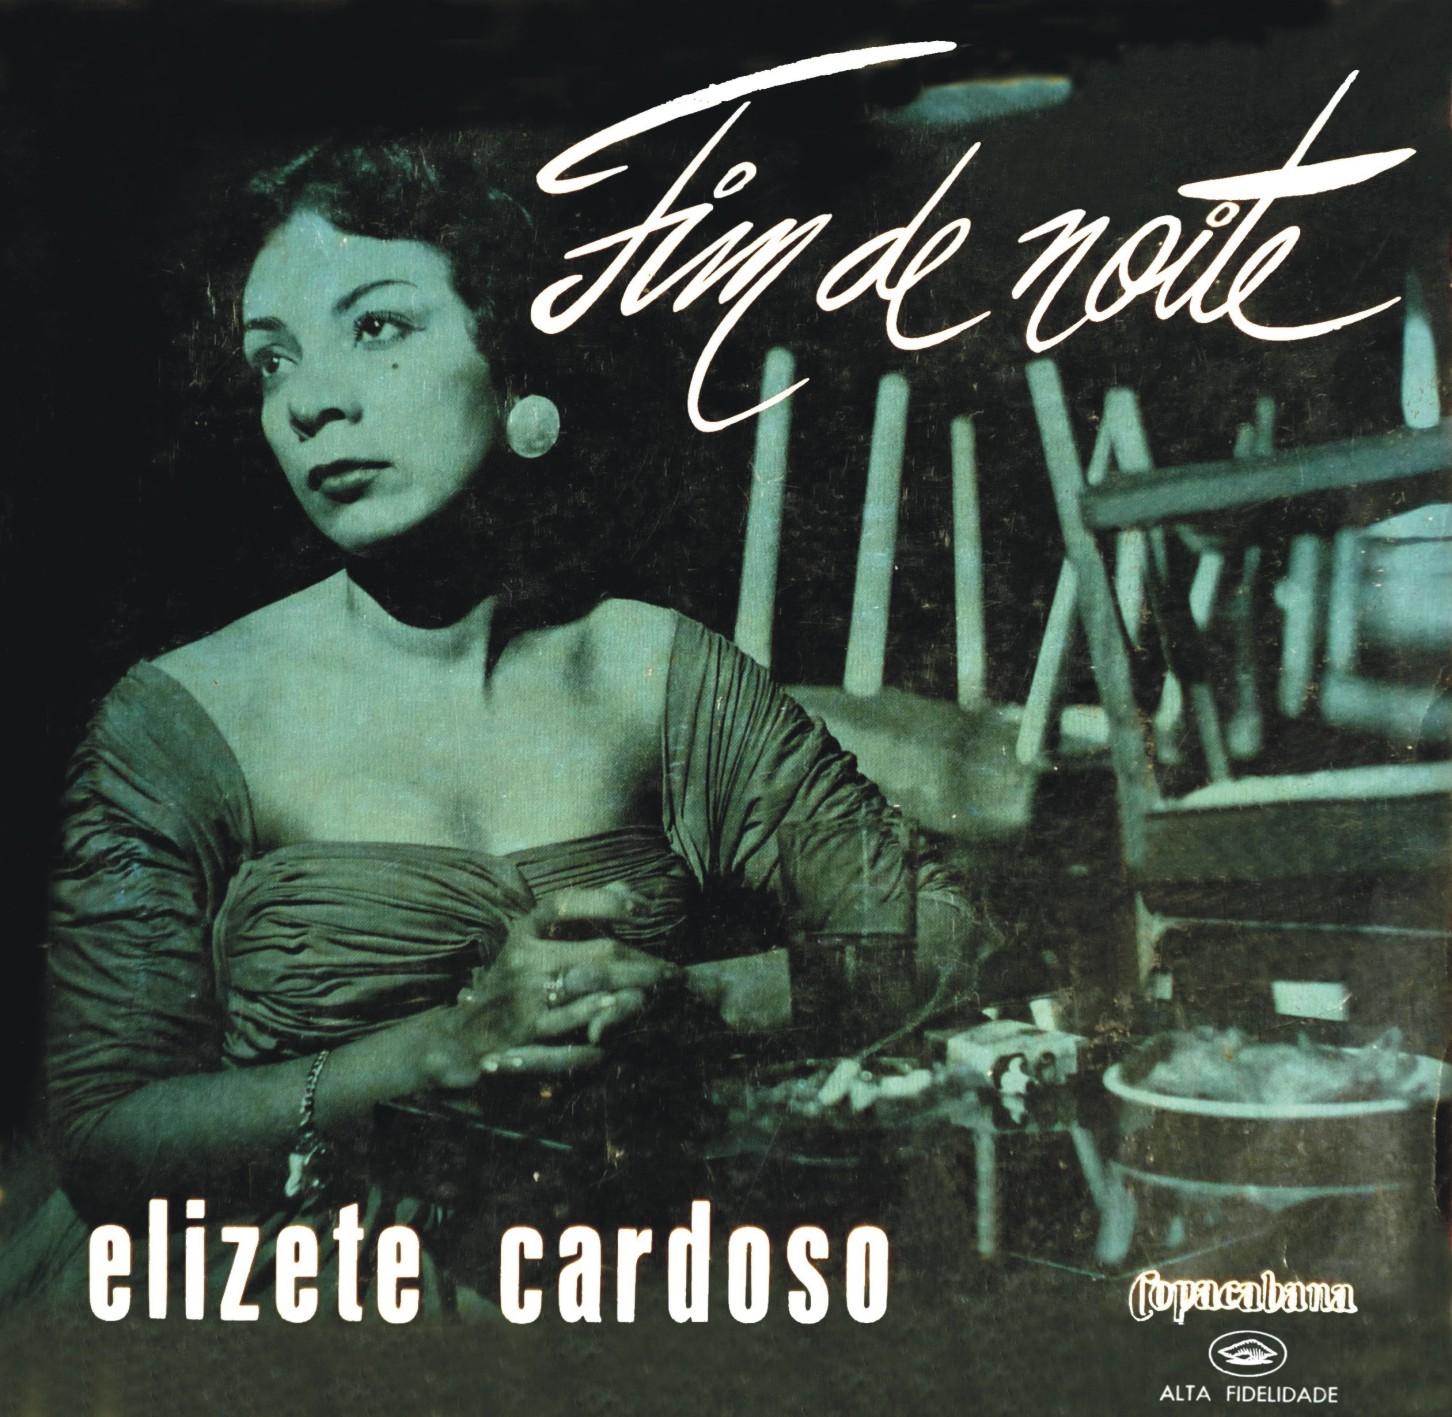 Elizeth Cardoso Elizete Cardoso Elizete Cardoso Nº 1